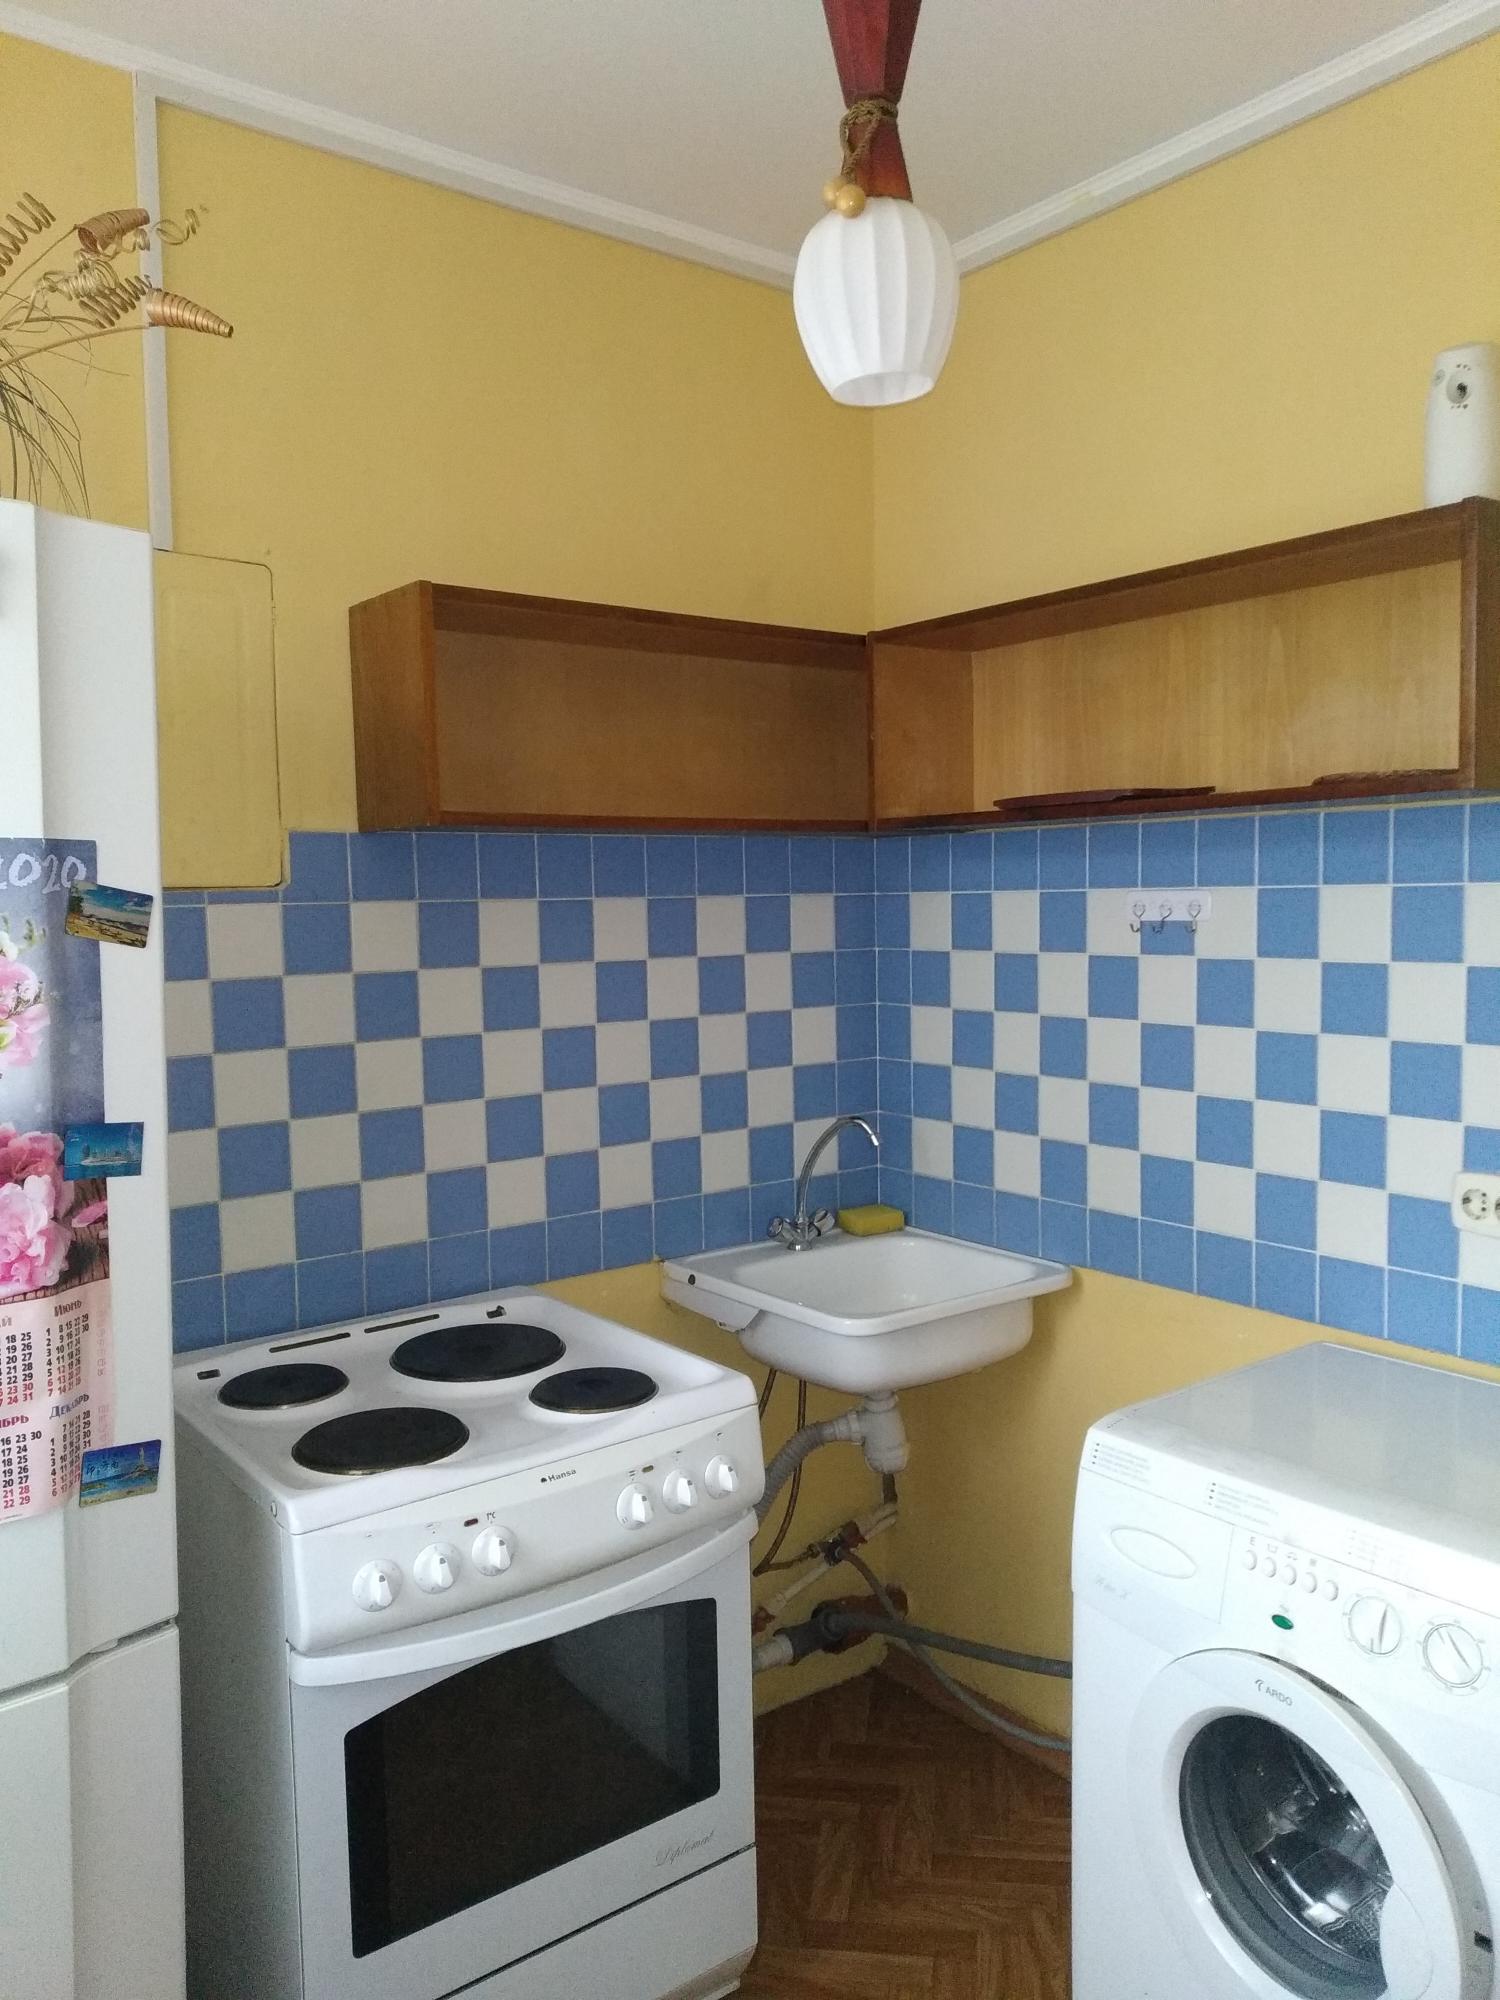 1к квартира проспект Мира, 111 | 13500 | аренда в Красноярске фото 6